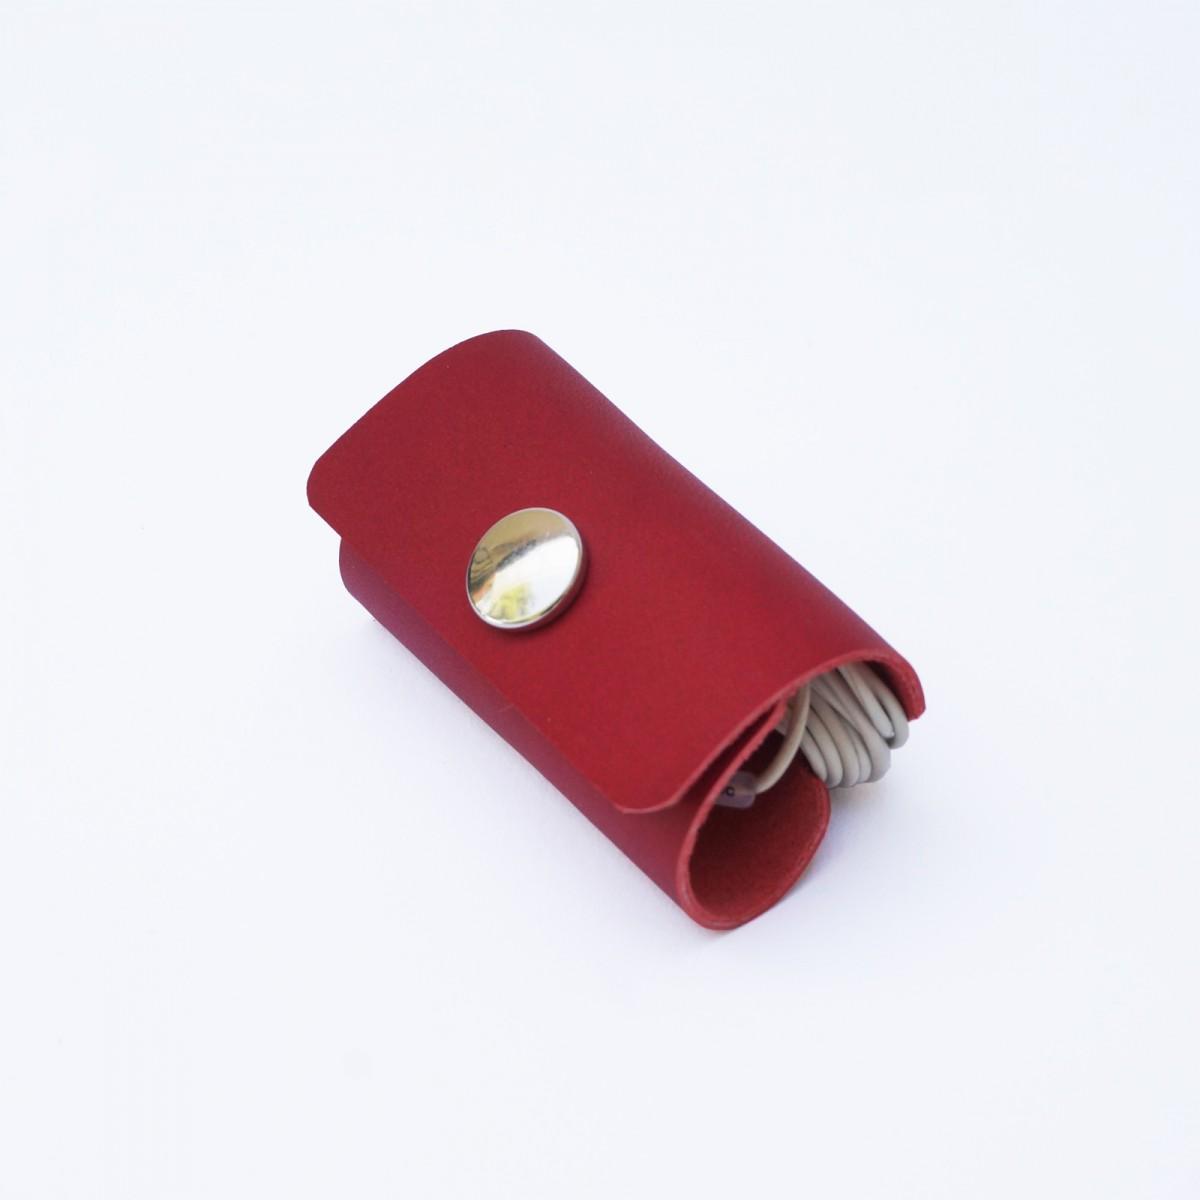 Kopfhörer Headset Organizer, Kopfhörertasche, Leder Rot Tasche Leder Rot